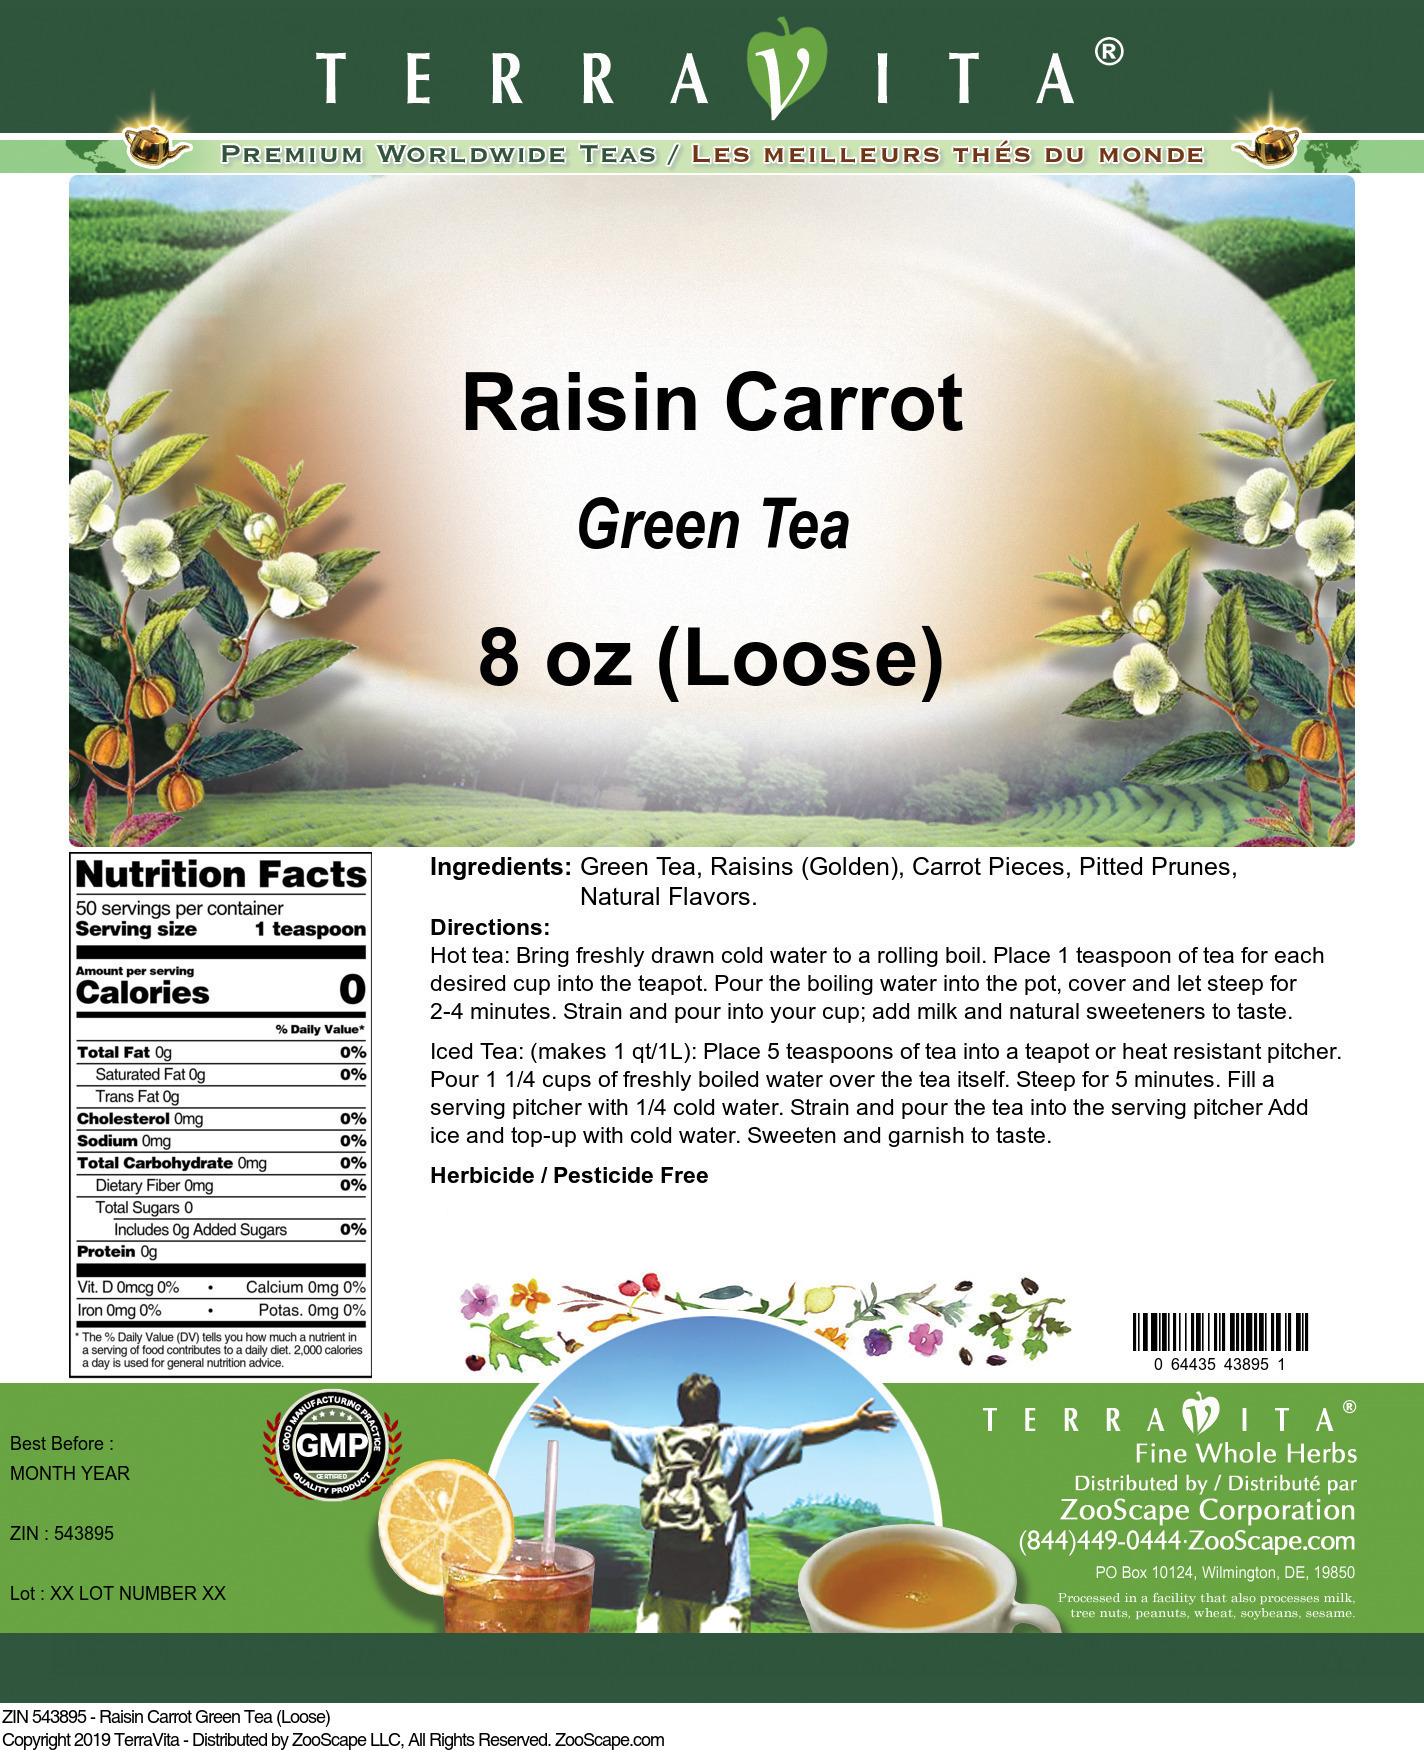 Raisin Carrot Green Tea